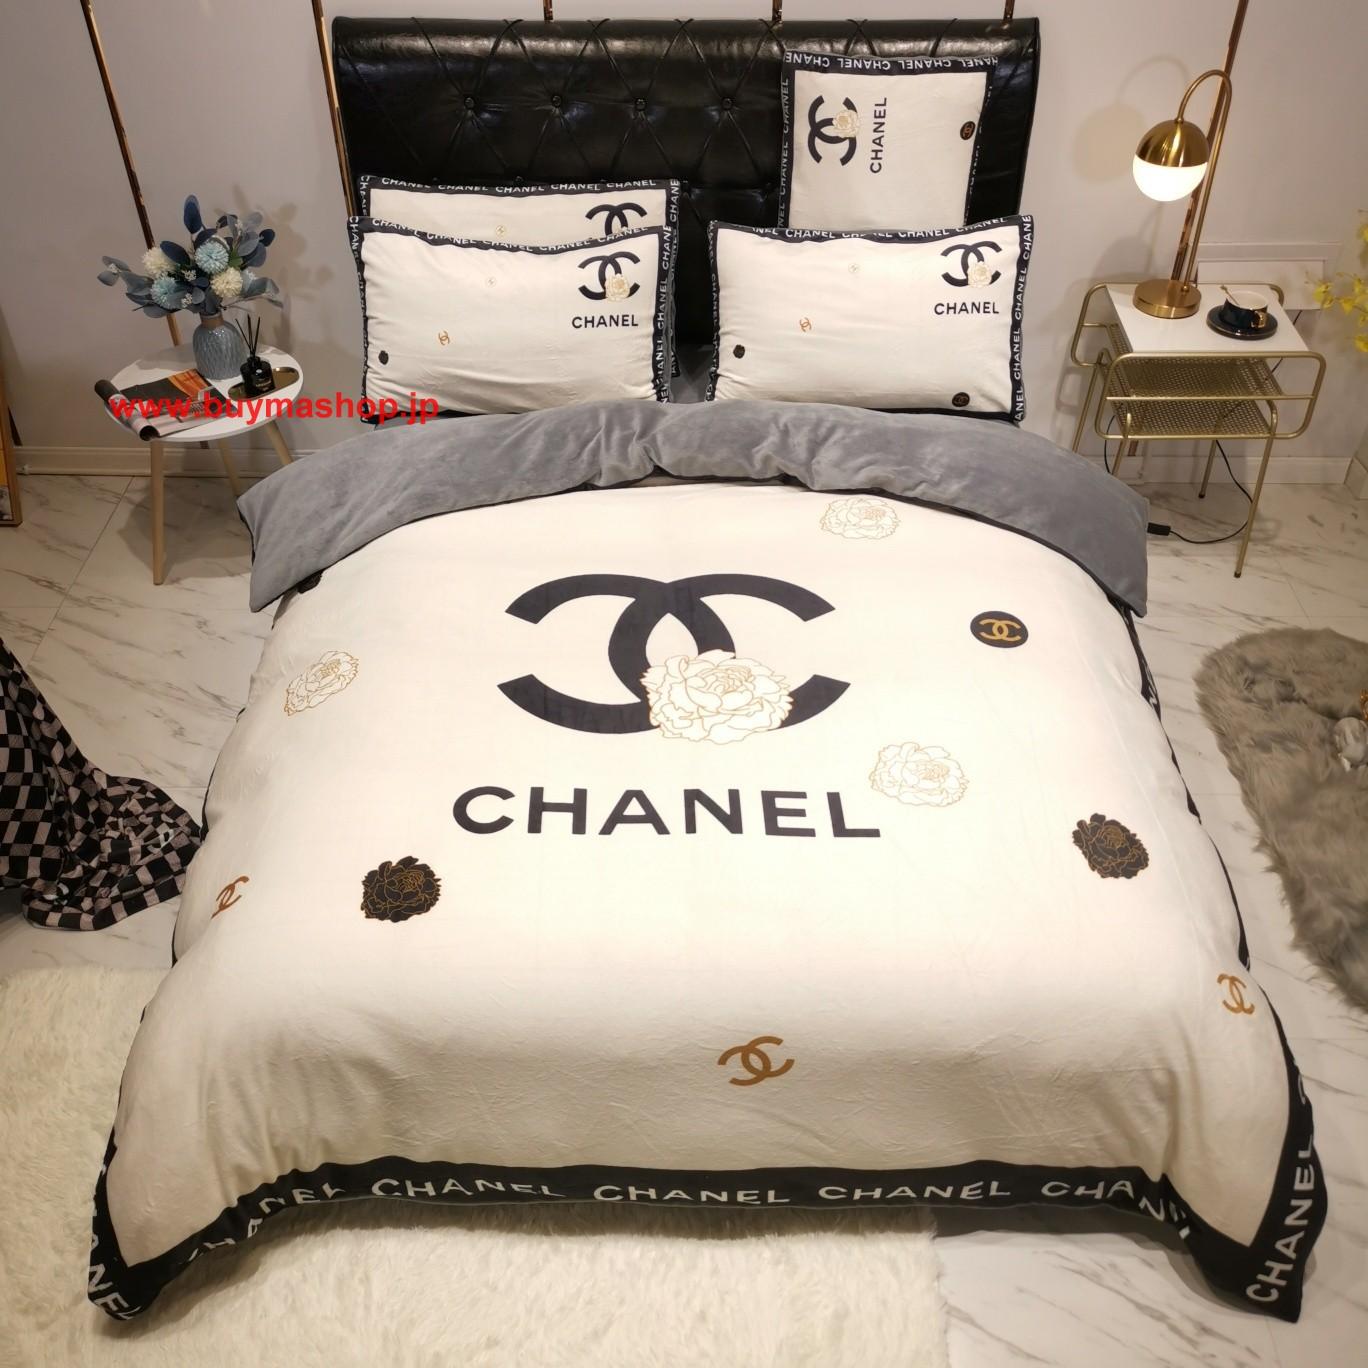 秋冬绒品Chanel シャネル寝具 ブランド 寝具 和室 布団 すのこ 通販 生活 寝具 寝具 とは シングル セミダブル シーツ 高級でおしゃれなブランド寝具布団カバー、ベッドシーツ、枕カバー4点セット